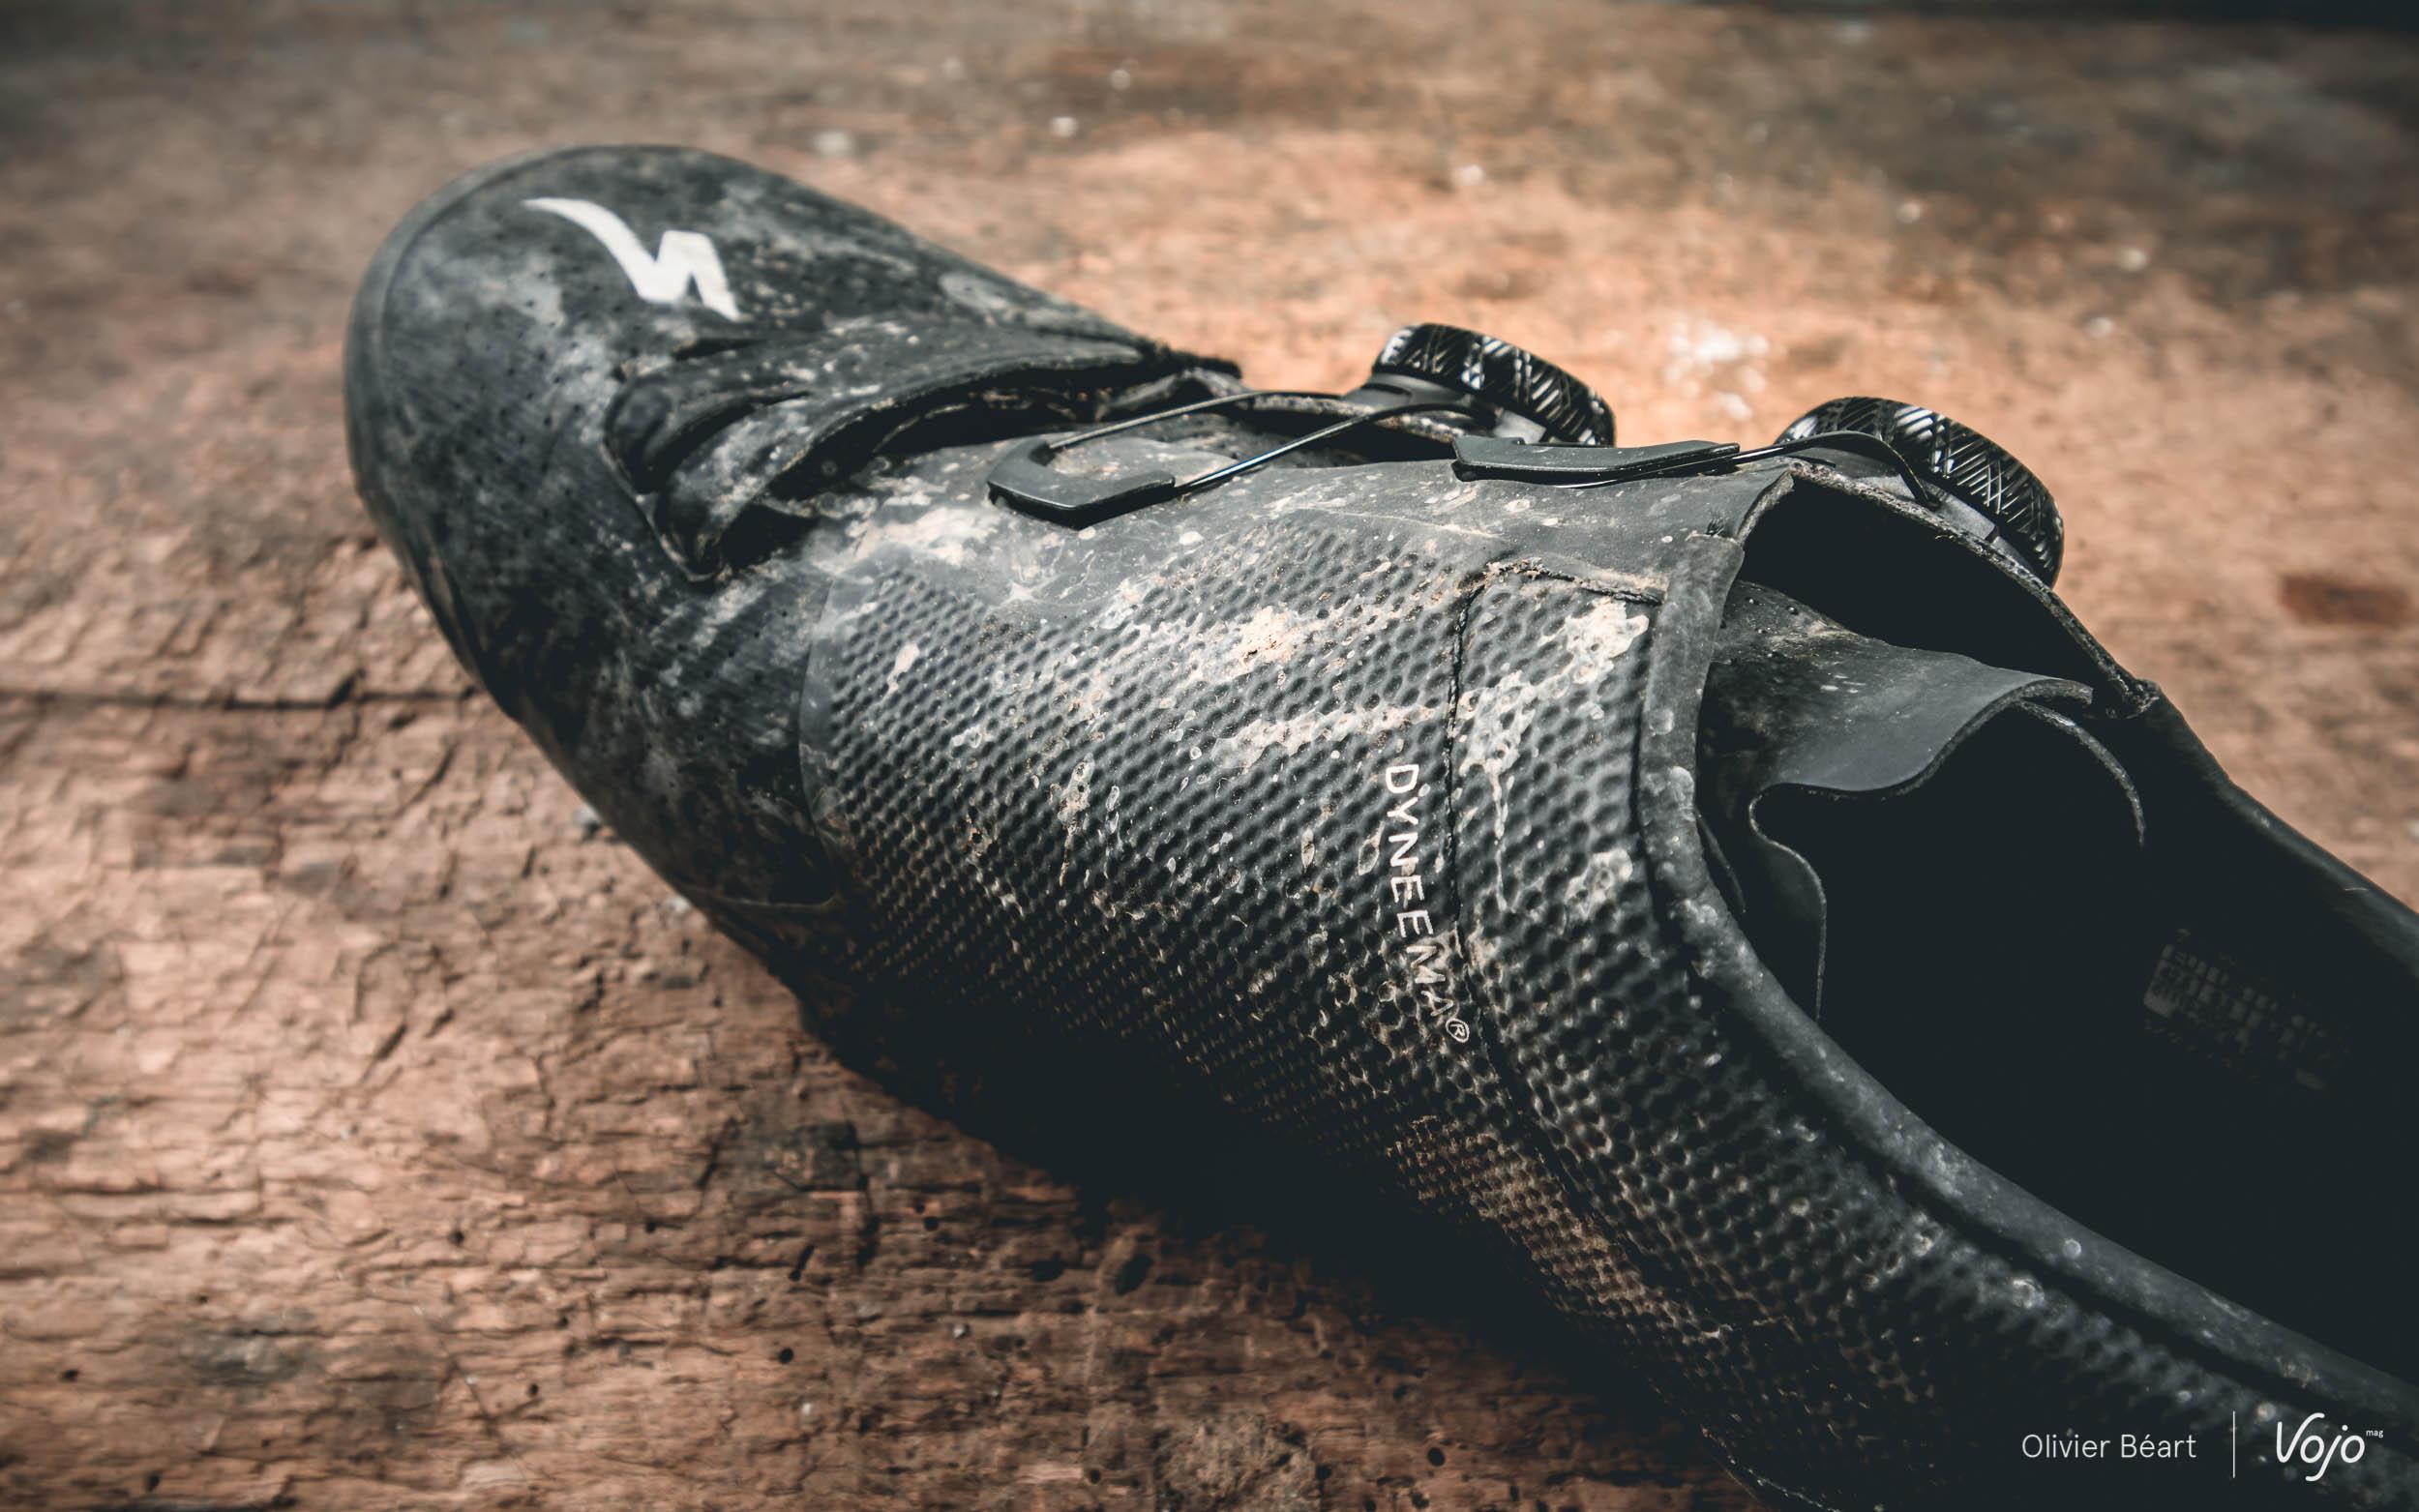 b4f554063f3 Maar de nieuwe Specialized S-Works Recon-schoenen houden de bovenkant van  de voet wel beter vast dan de eerder genoemde exemplaren van Shimano, ...